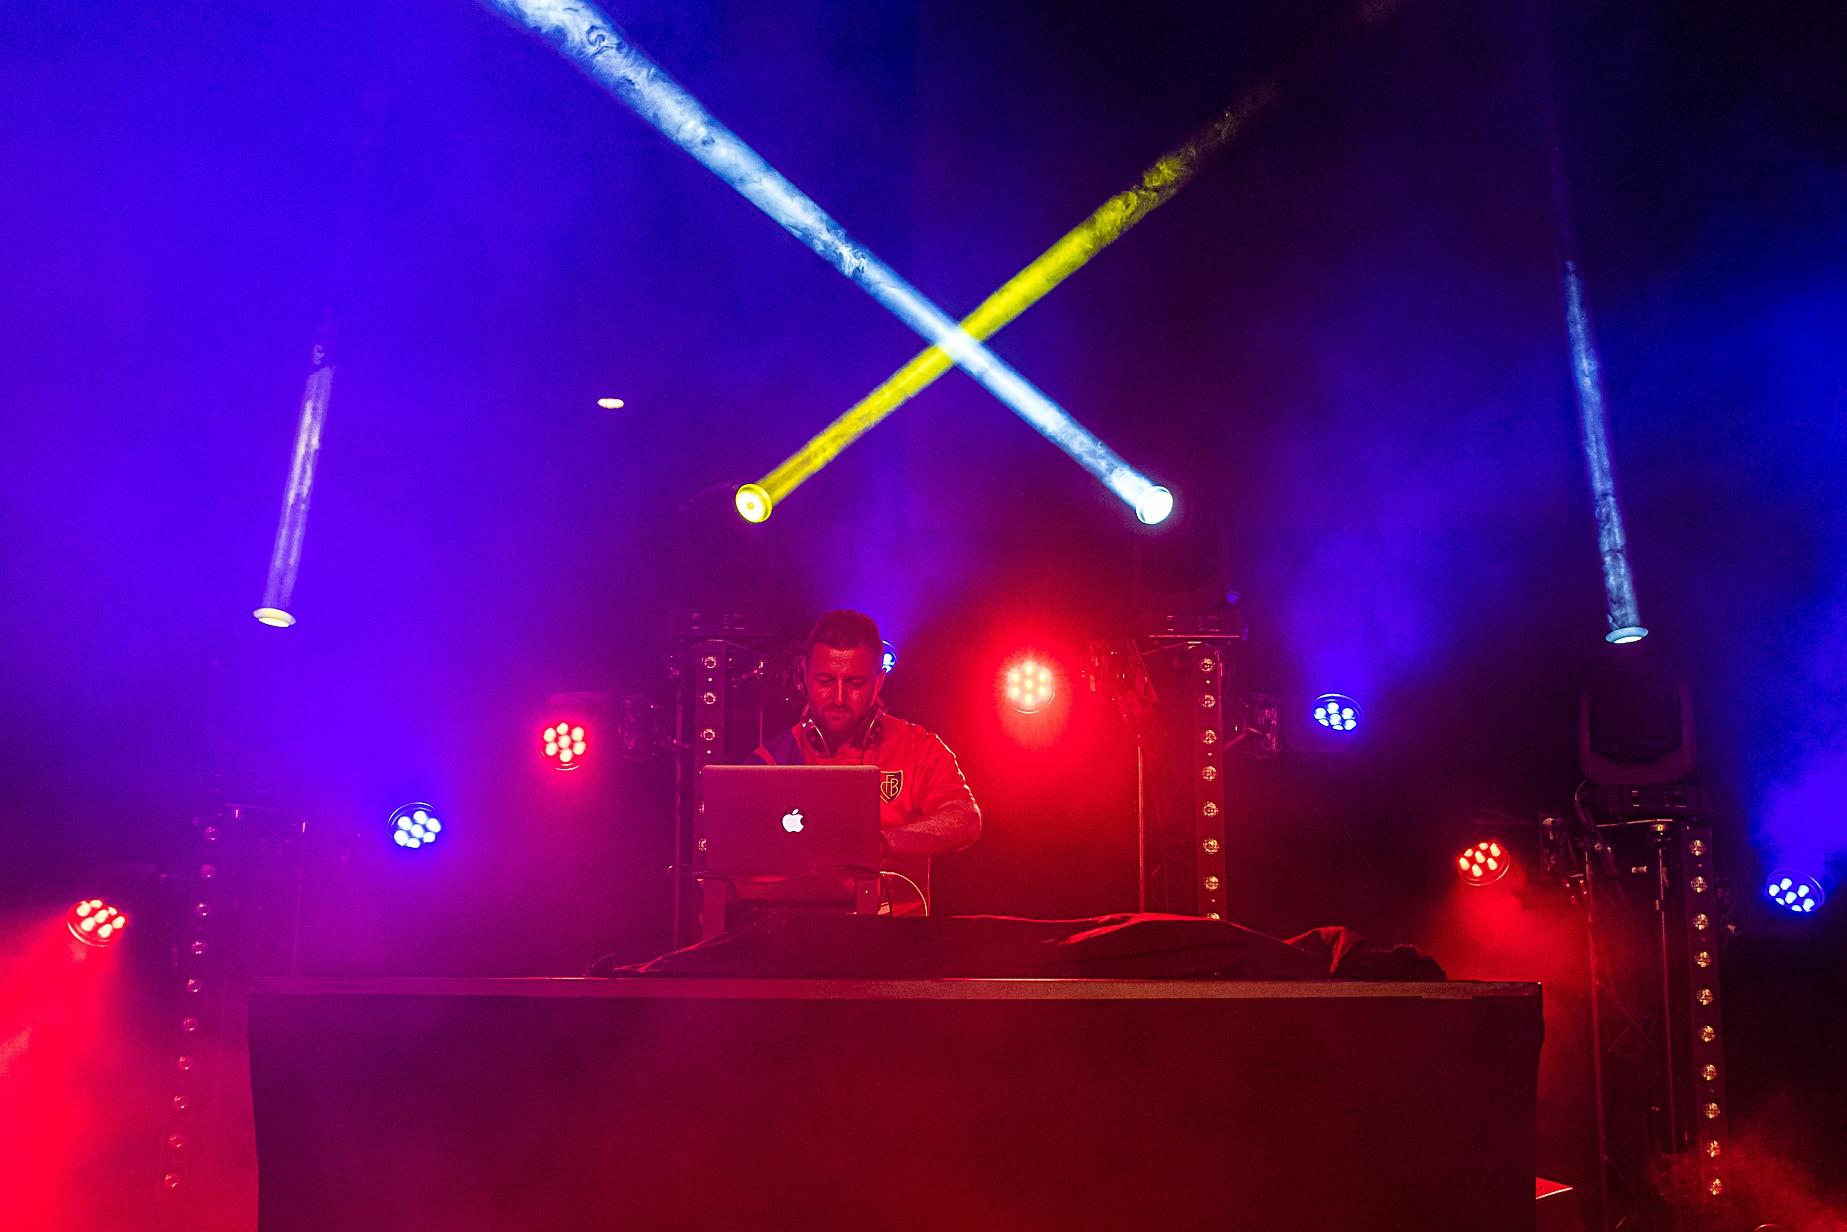 DJ UNICK